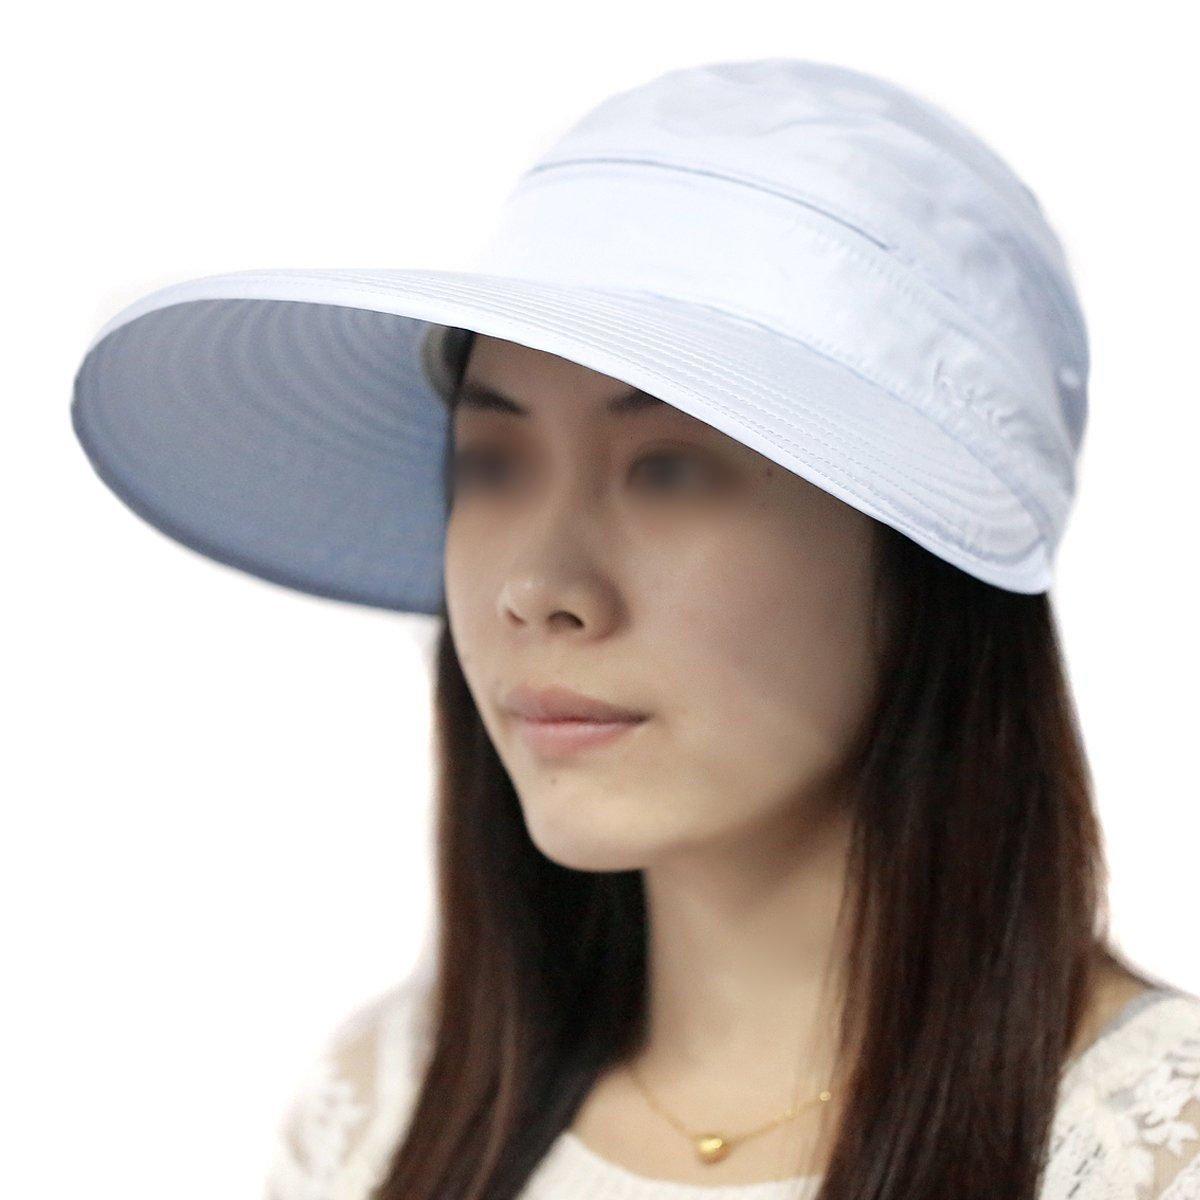 Chapeau de Soleil Anti UV Femme Pliable Loisirs Casquette Visi/ère de Tennis Baseball Bleu